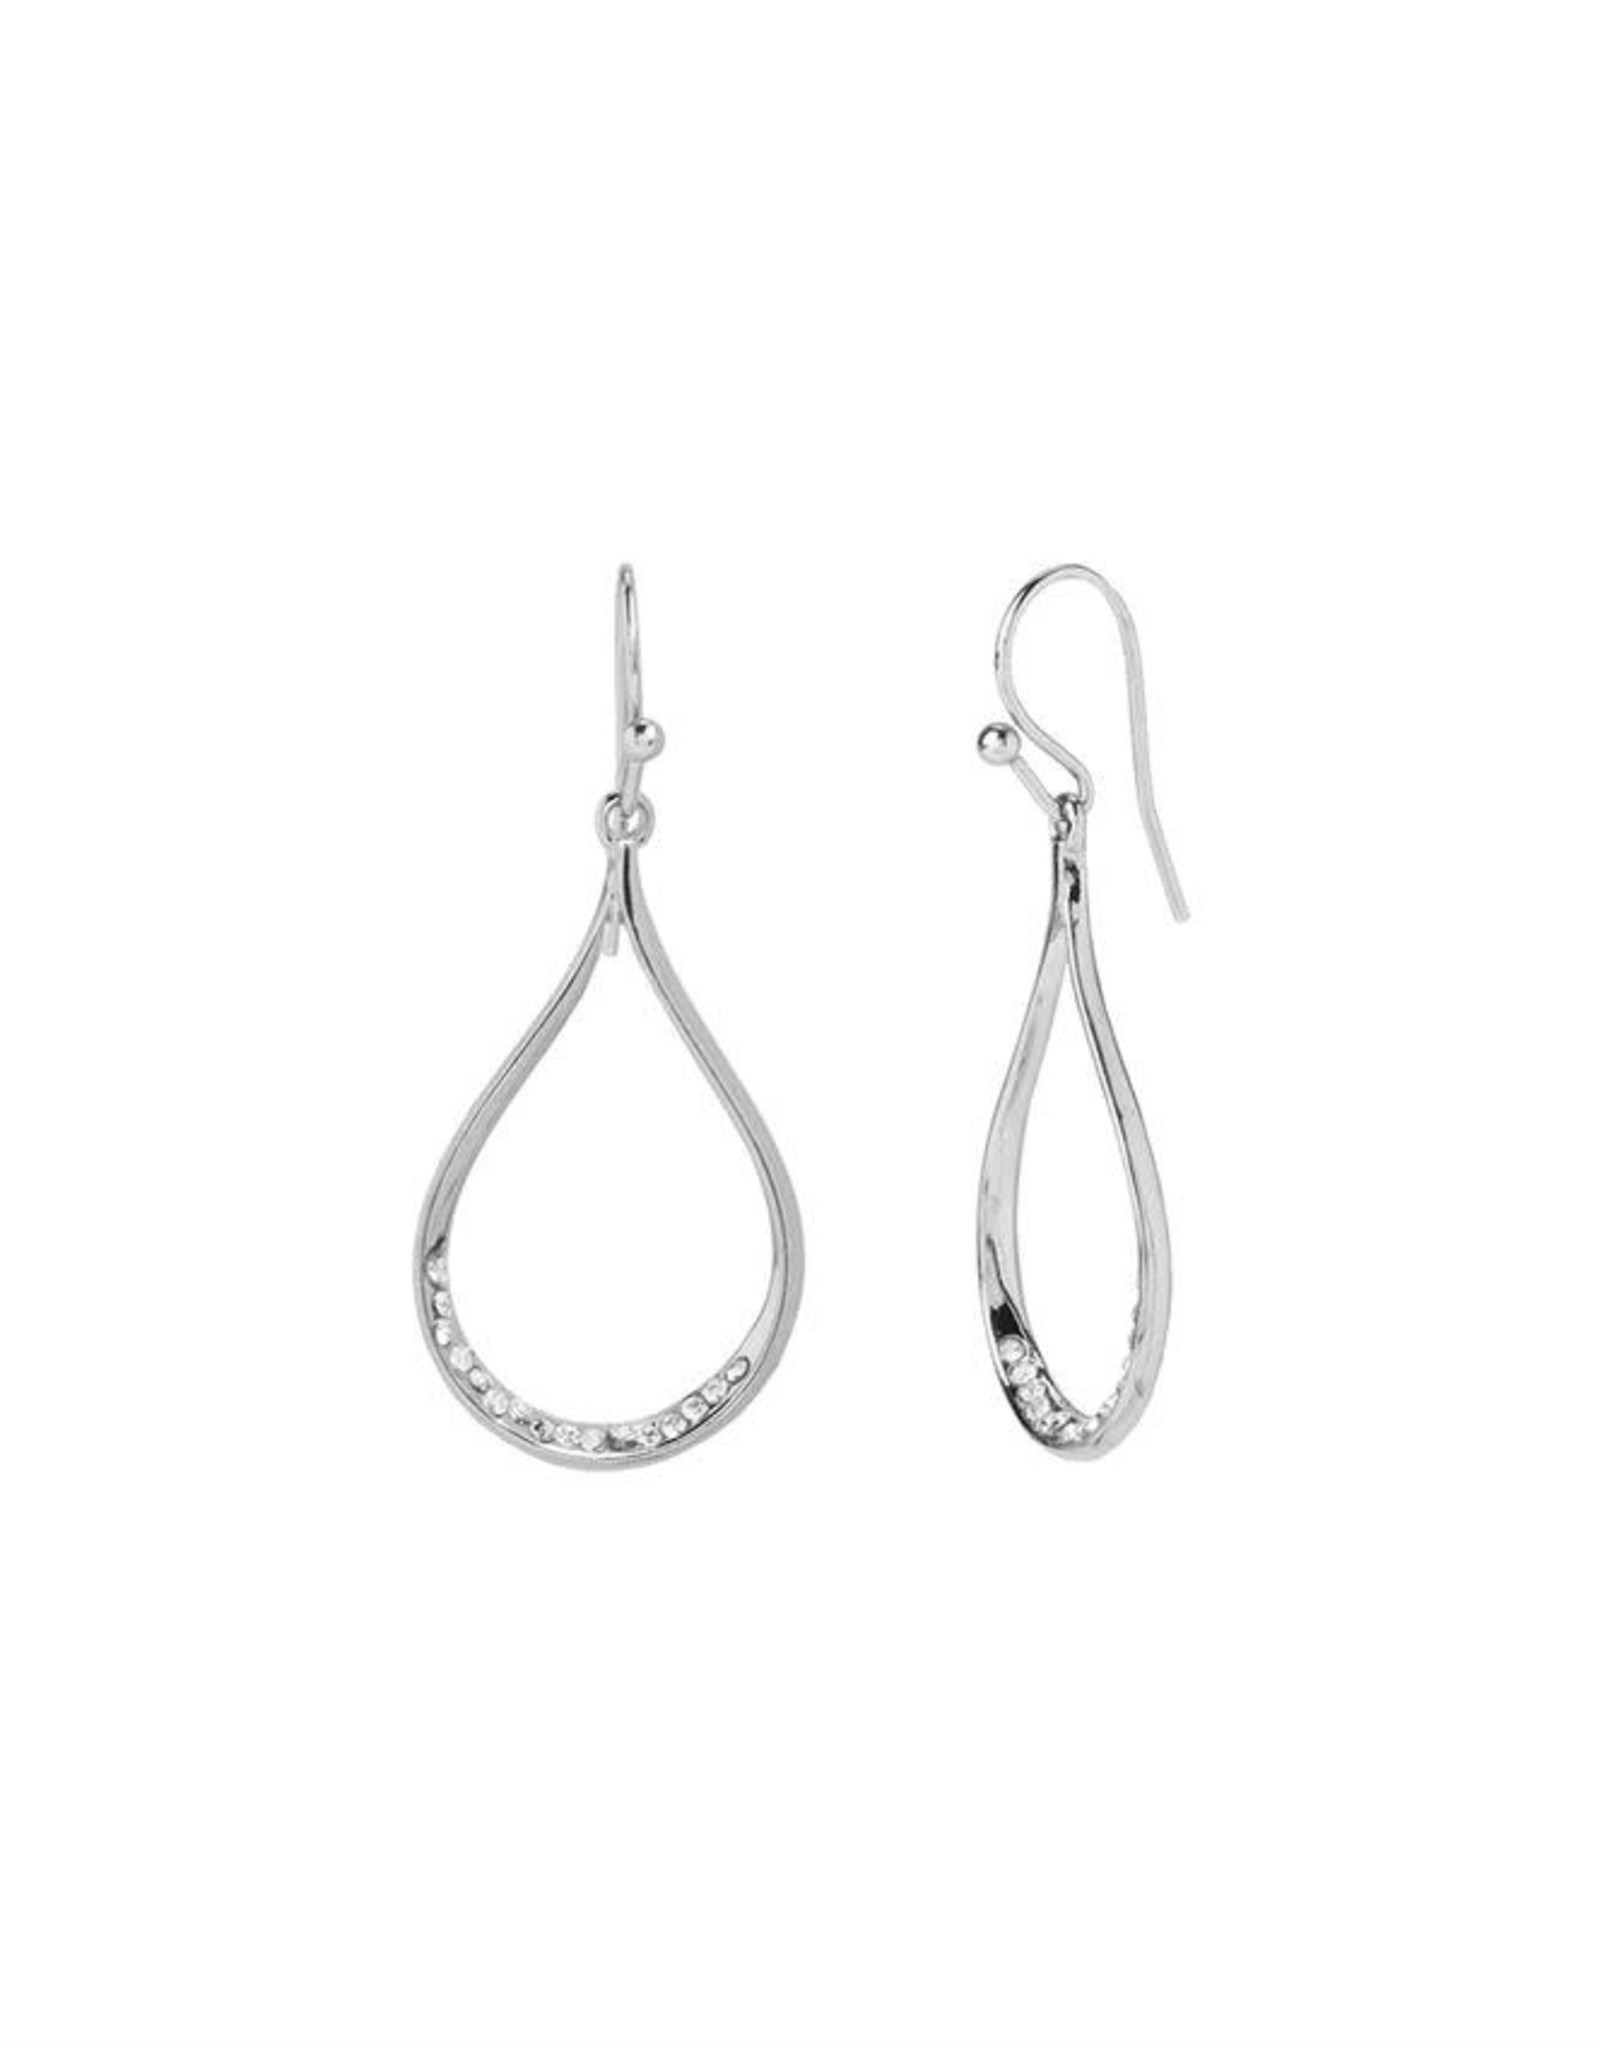 Coco & Carmen Whispers Silver Open Tear Drop Dangle Earrings